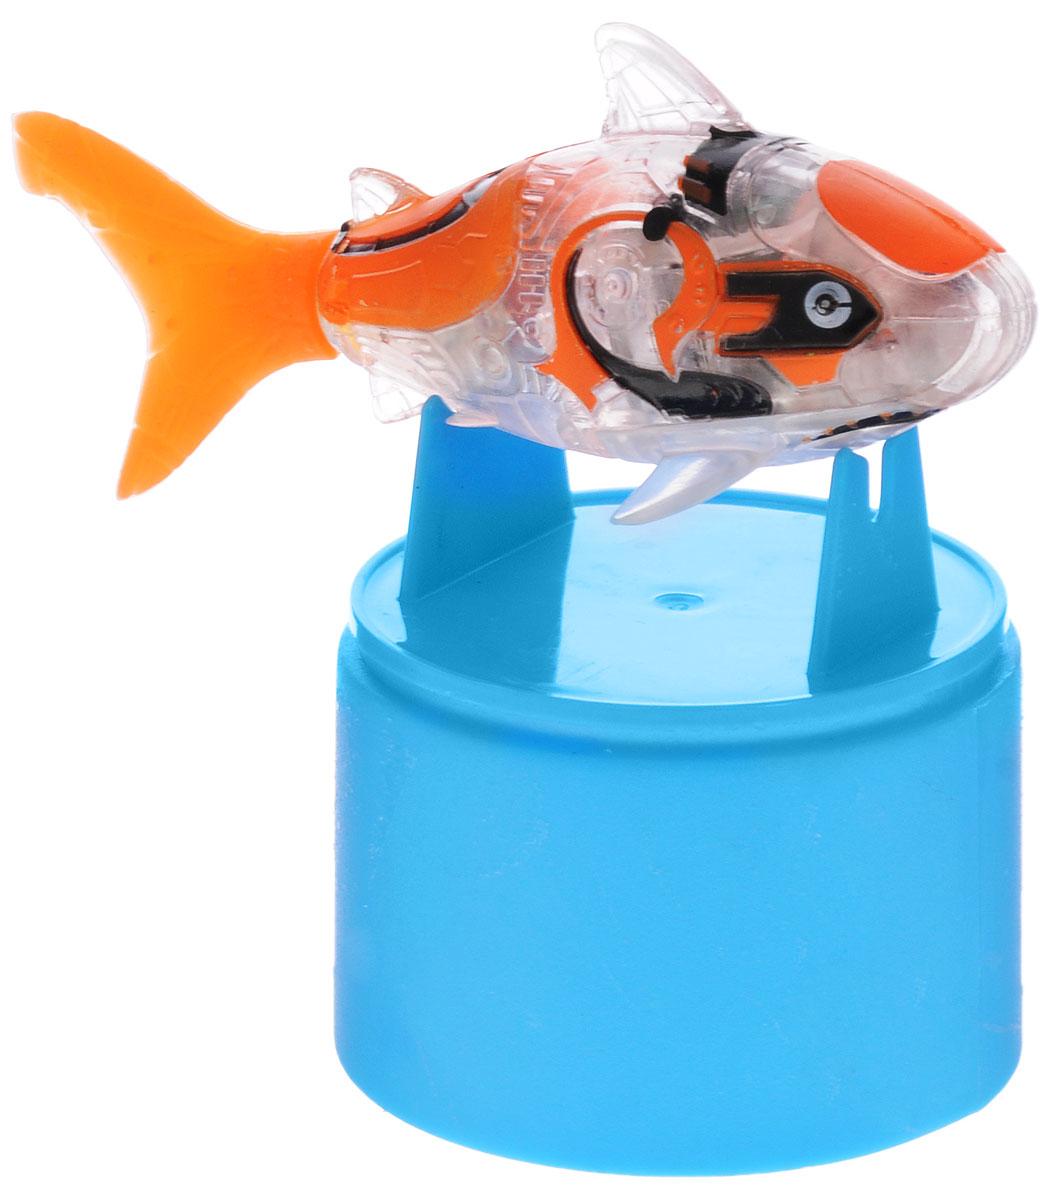 Robofish Игрушка для ванной Тропическая РобоРыбка Акула2549-2_оранжевыйИгрушка для ванны Robofish Тропическая РобоРыбка. Акула понравится вашему малышу и превратит купание в веселую игру. Она выполнена из безопасного пластика с элементами металла в виде маленькой красочной рыбки. При погружении в ванну, аквариум или другую емкость с водой РобоРыбка начинает плавать, опускаясь ко дну и поднимаясь к поверхности воды. Игрушка прекрасно имитирует повадки настоящей акулы. Траектория ее движения зависит от наклона хвоста. Внутри рыбки находится специальный груз, регулирующий глубину ее погружения. Если рыбка плавает на дне, не всплывая, - уберите груз; если на поверхности - добавьте его. Набор включает подставку, на которой можно разместить рыбку, пока вы с ней не играете. Порадуйте вашего ребенка таким замечательным подарком! Игрушка работает от 2 батареек напряжением 1,5V типа LR44 (2 установлены в игрушку и 2 запасные).